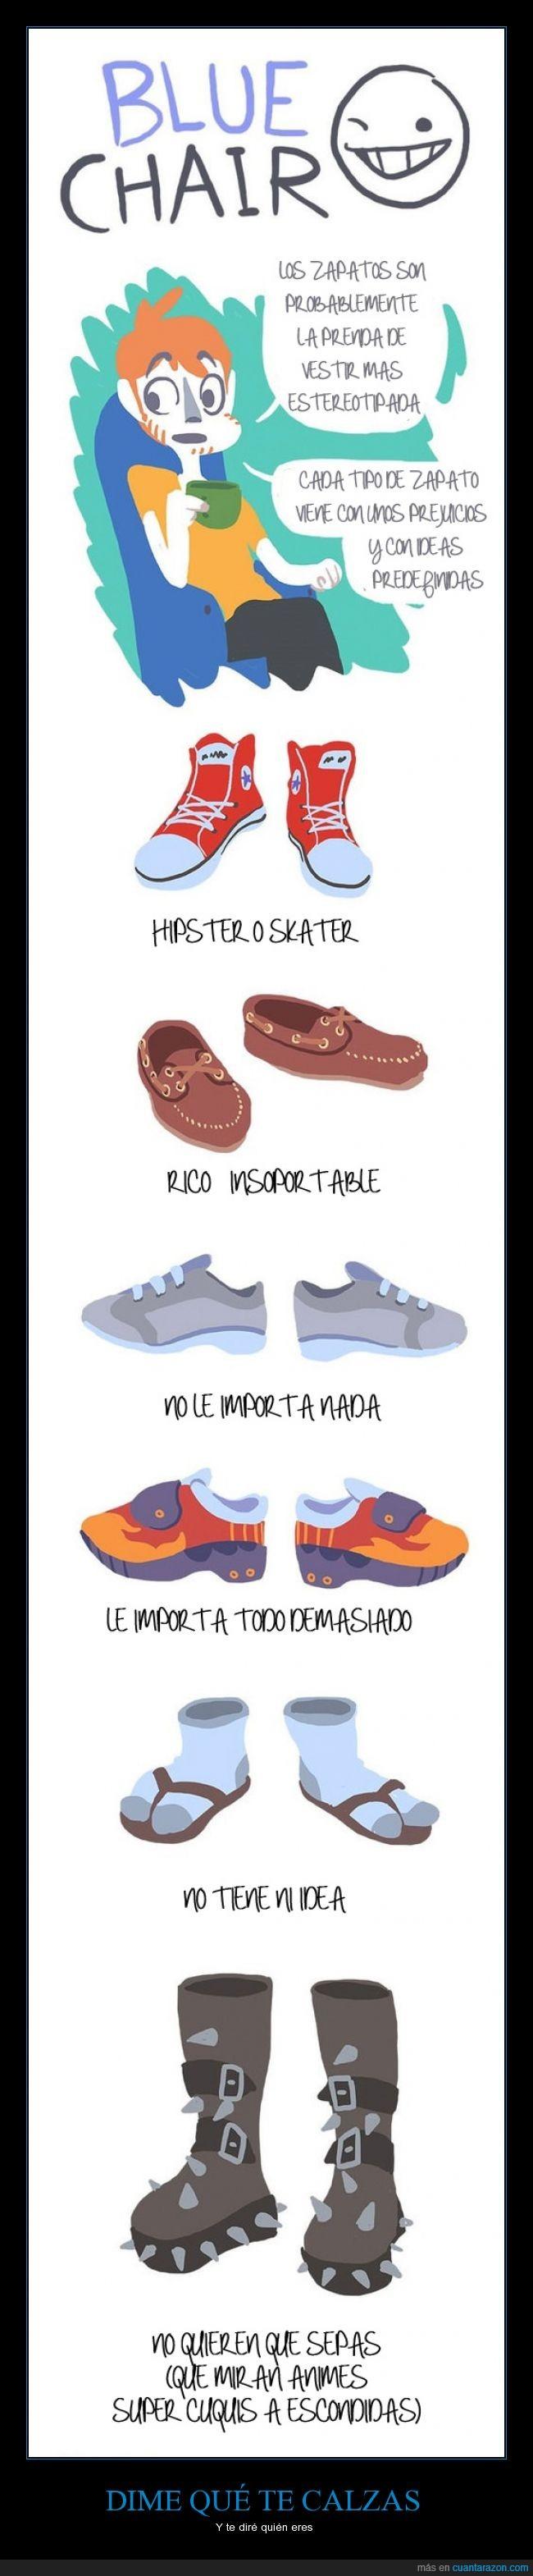 anime,bambas,botas,calcetines,calzado,calzar,chanclas,cuqui,deportivas,escondidas,hipster,metal,mocasines,mono,secreto,skater,zapatos